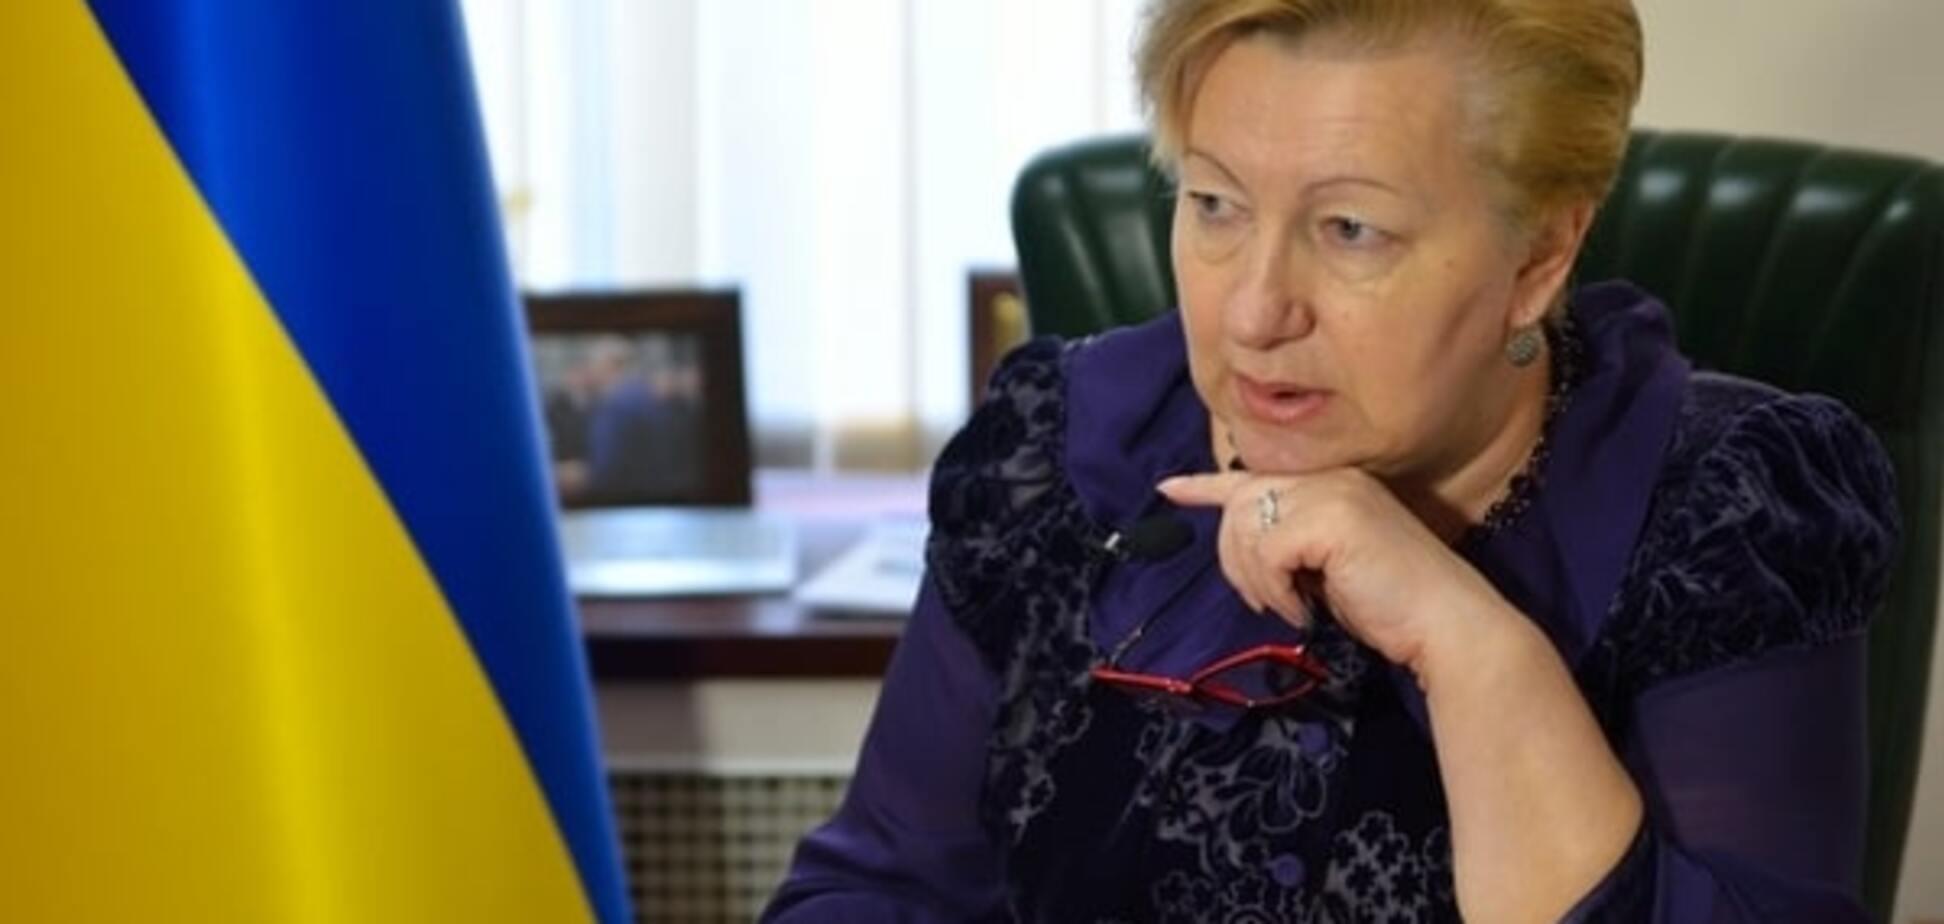 Дела земельные: СБУ объявила в розыск экс-губернатора Киевщины Ульянченко